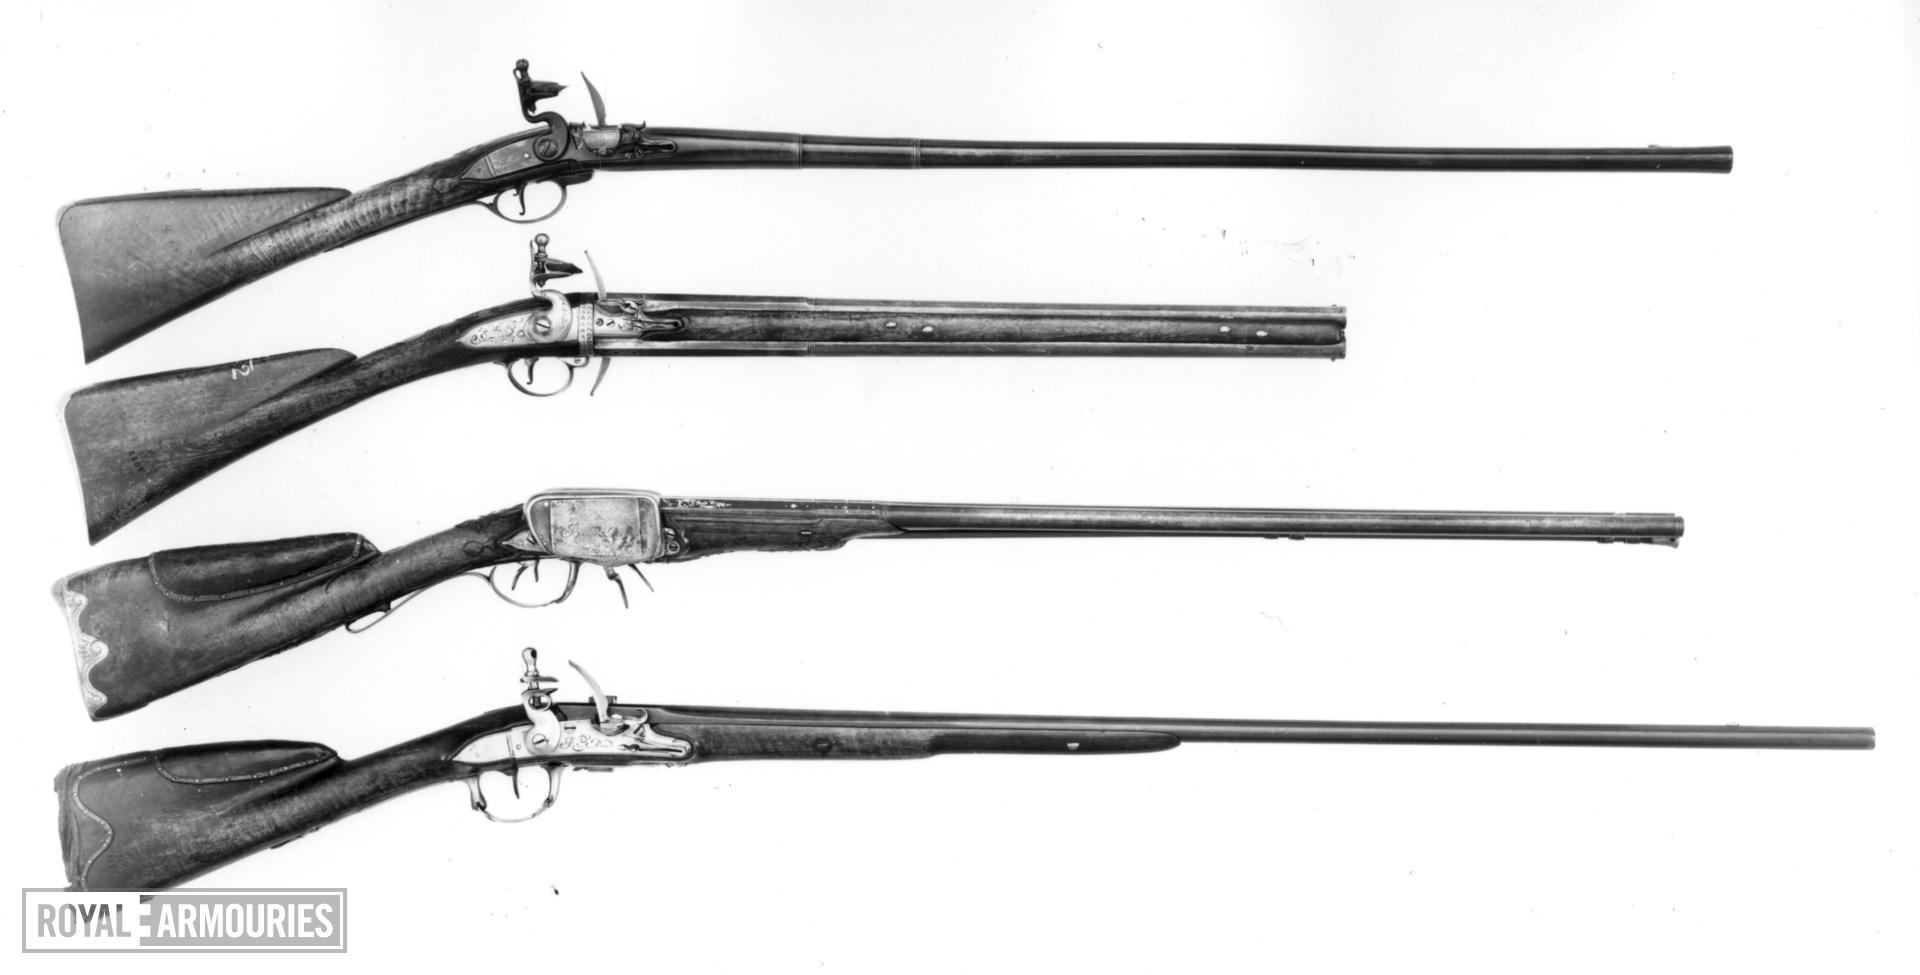 Flintlock gun - By Rives A Paris Montalembert system